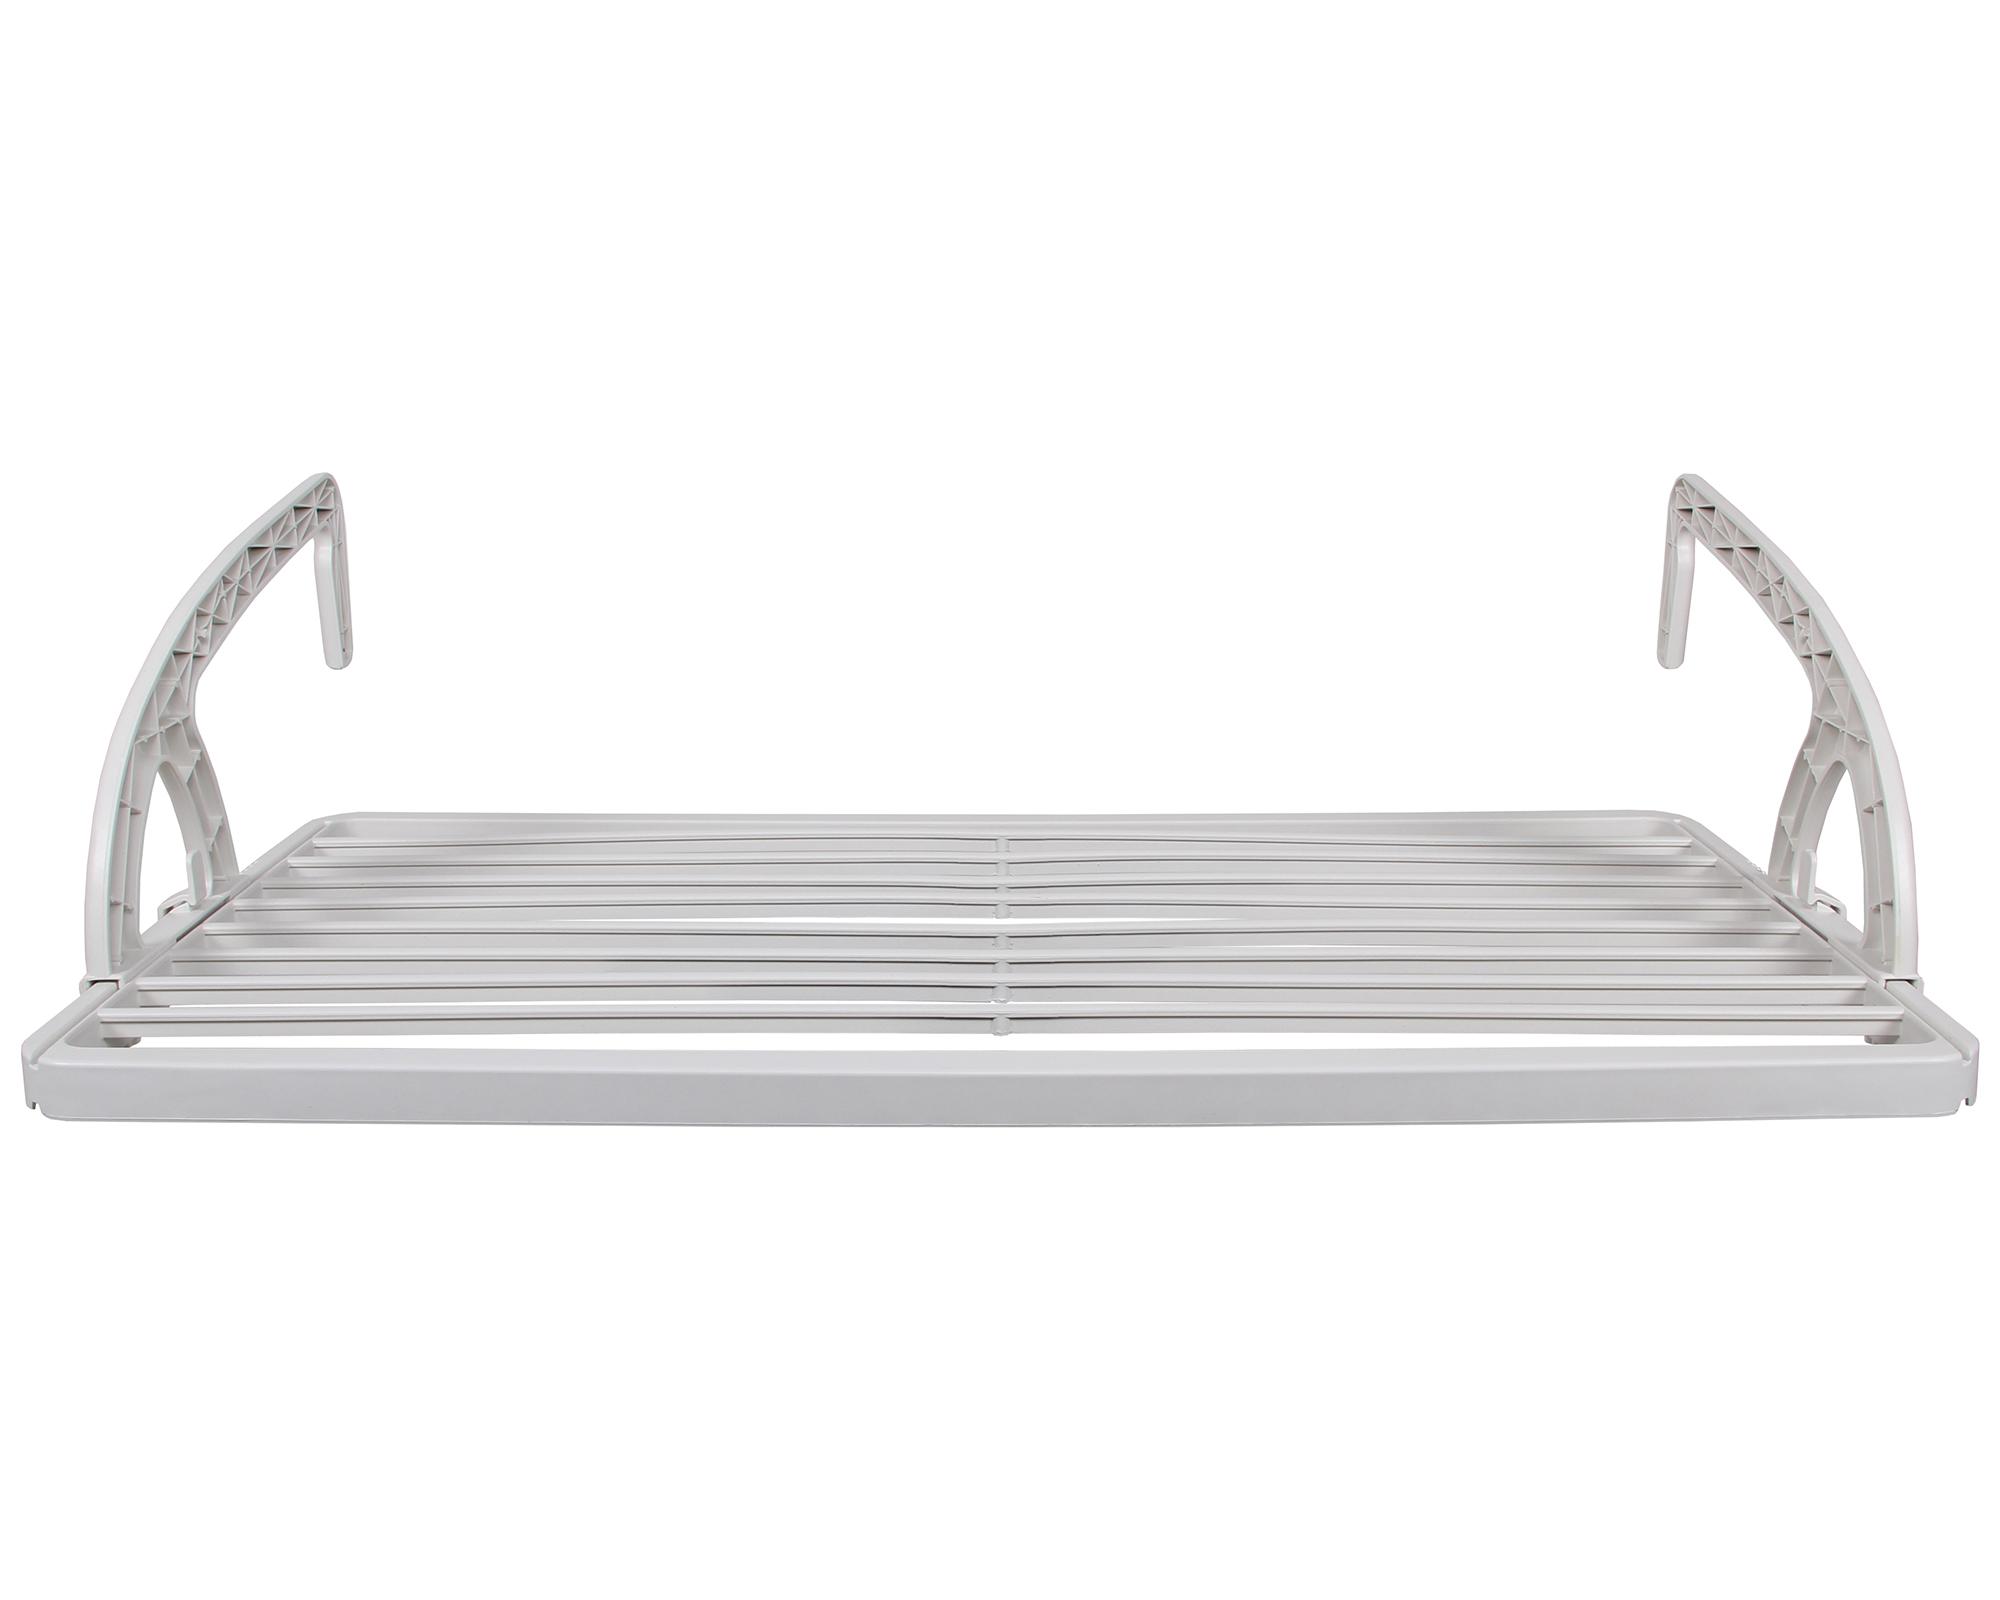 ondis24 w schest nder w schetrockner arco g nstig online kaufen. Black Bedroom Furniture Sets. Home Design Ideas